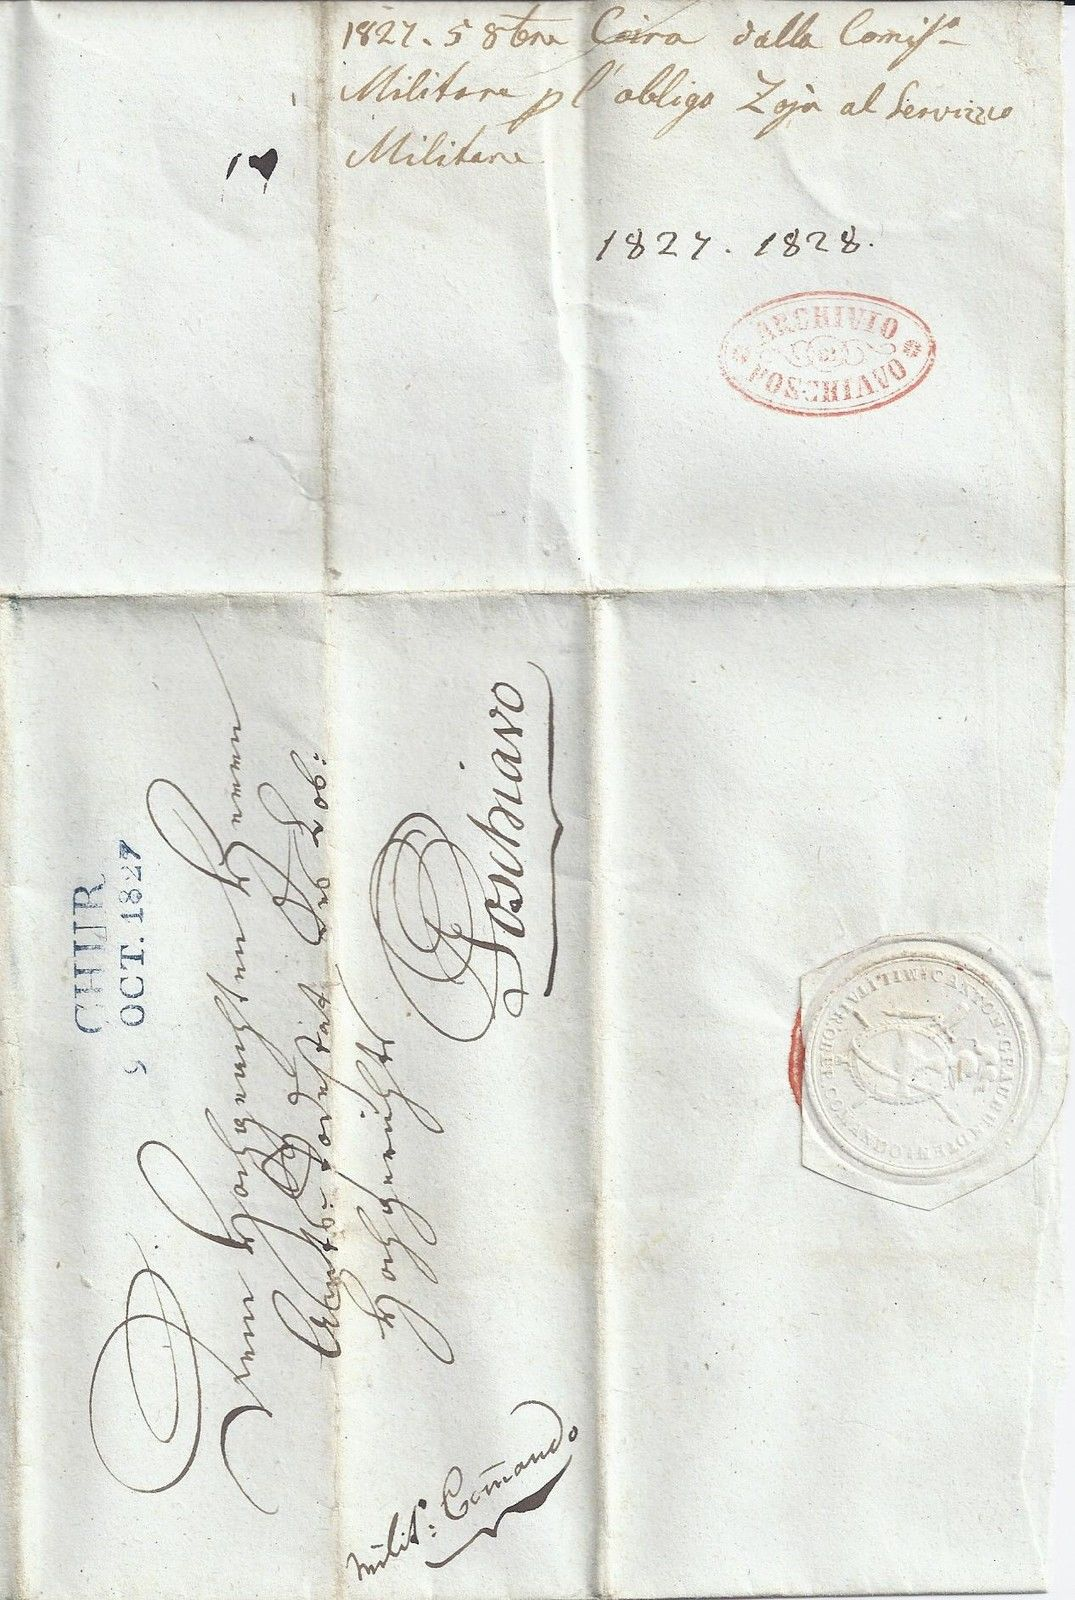 Schweiz 1827 Blau L2 Chur Auf Brief Mit Militär Absender U Siegel